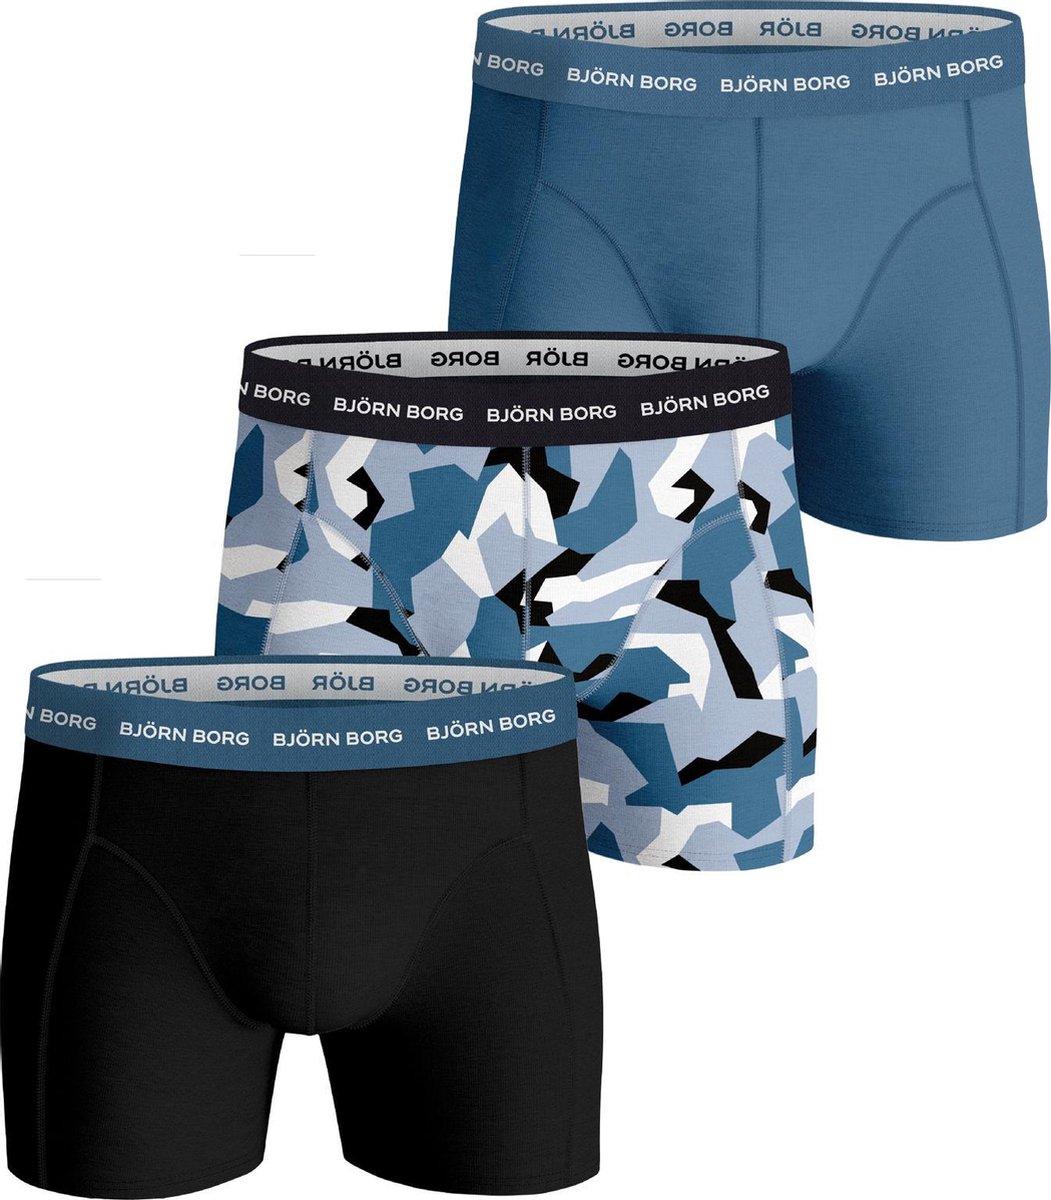 Bj rn Borg Nordic Camo Onderbroek - Mannen - navy/blauw/wit